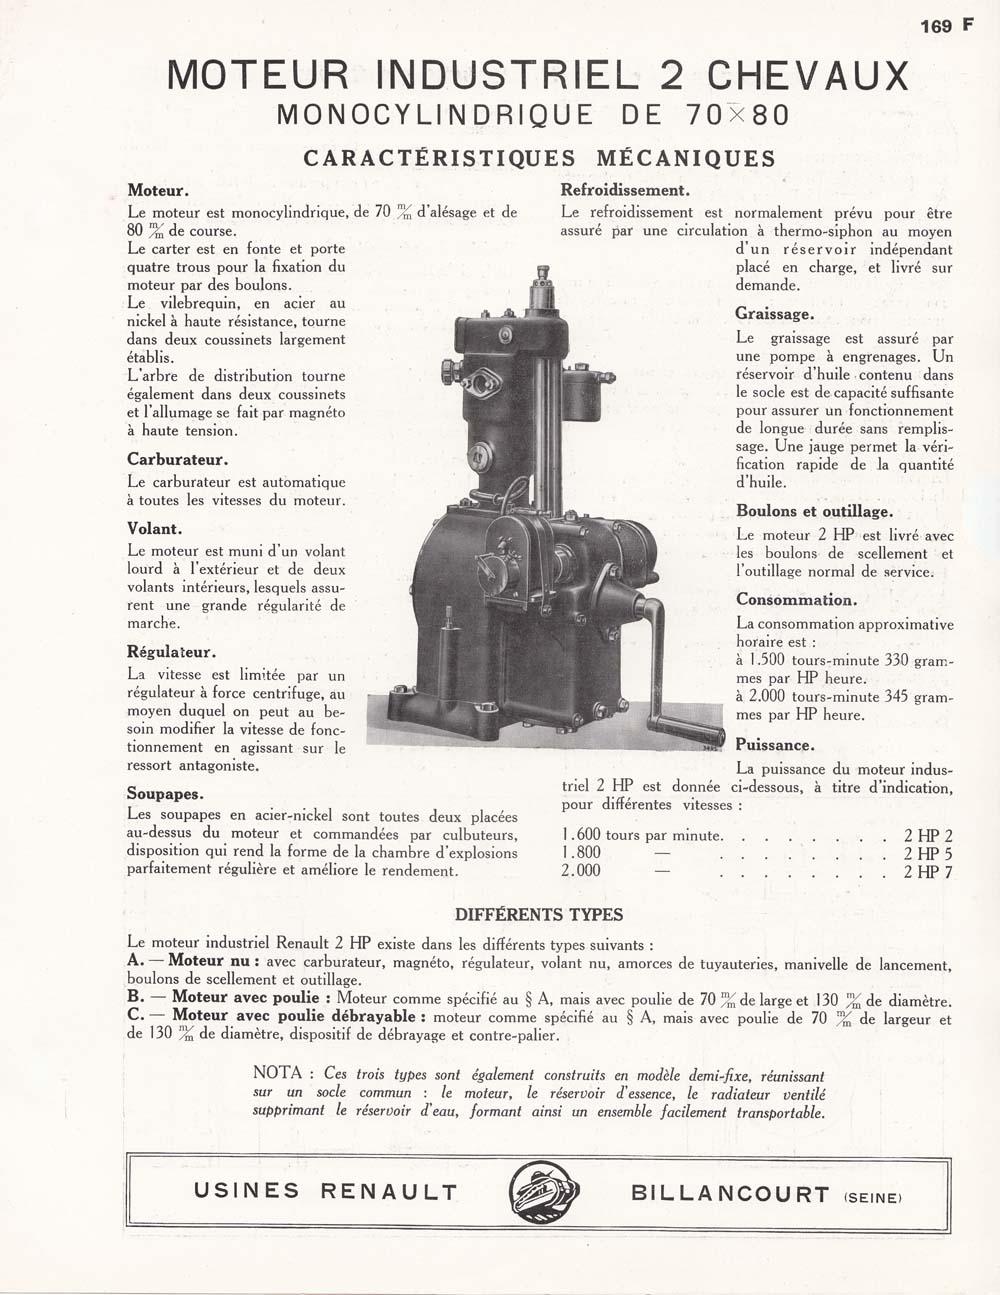 moteur_industriel_2cv_1